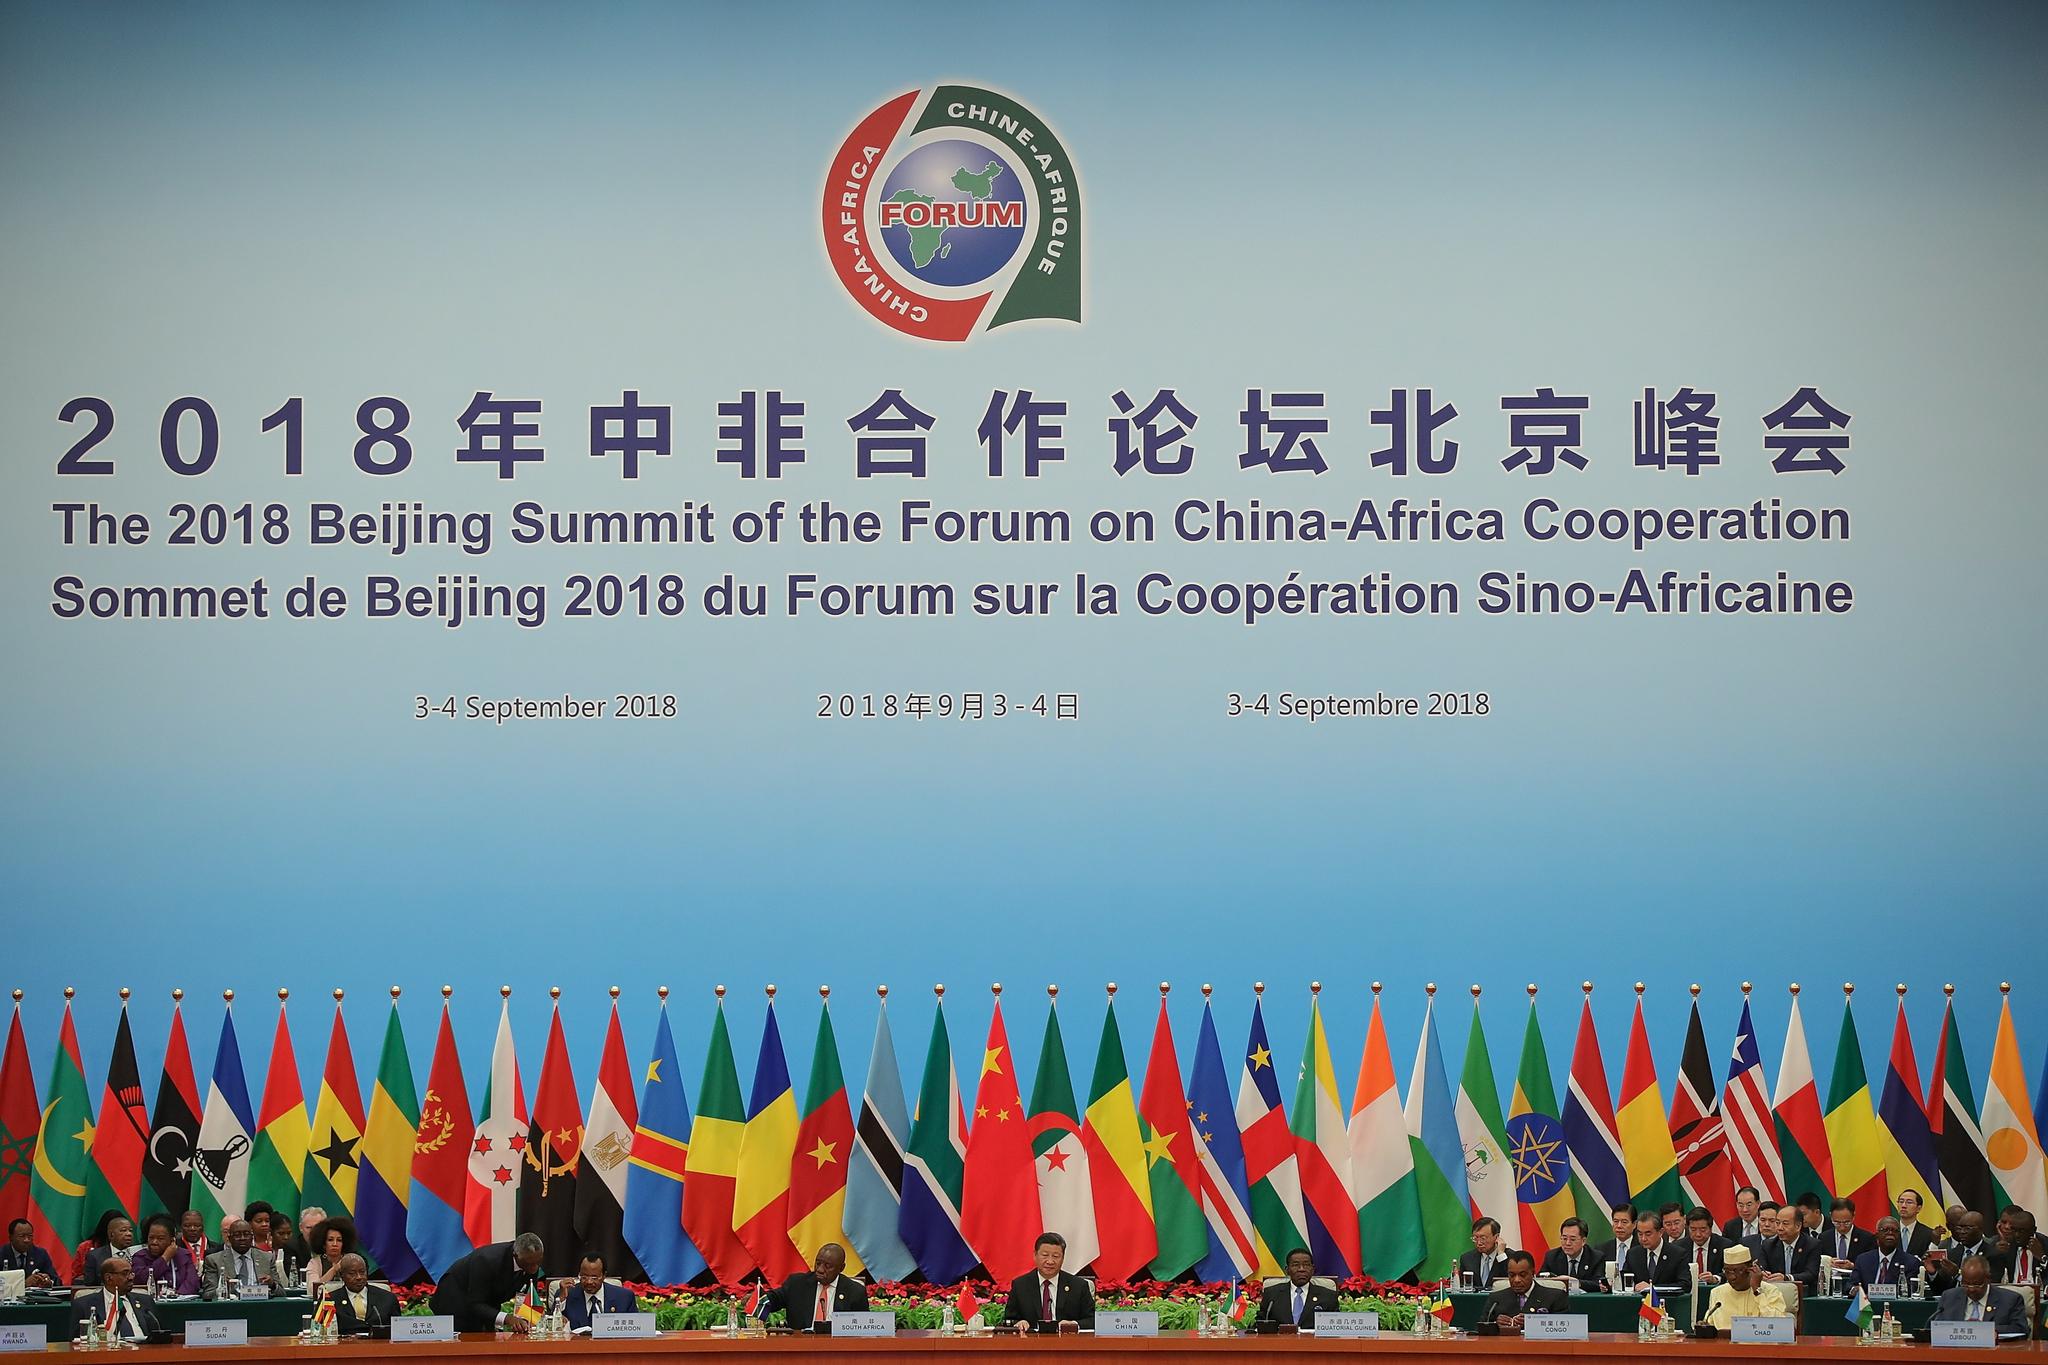 시진핑 중국 국가 주석과 아프리카 정상들이 참석한 중국-아프리카 협력 정상회의가 4일 베이징 인민대회당에서 이틀째 열리고 있다 . [EPA=연합뉴스]